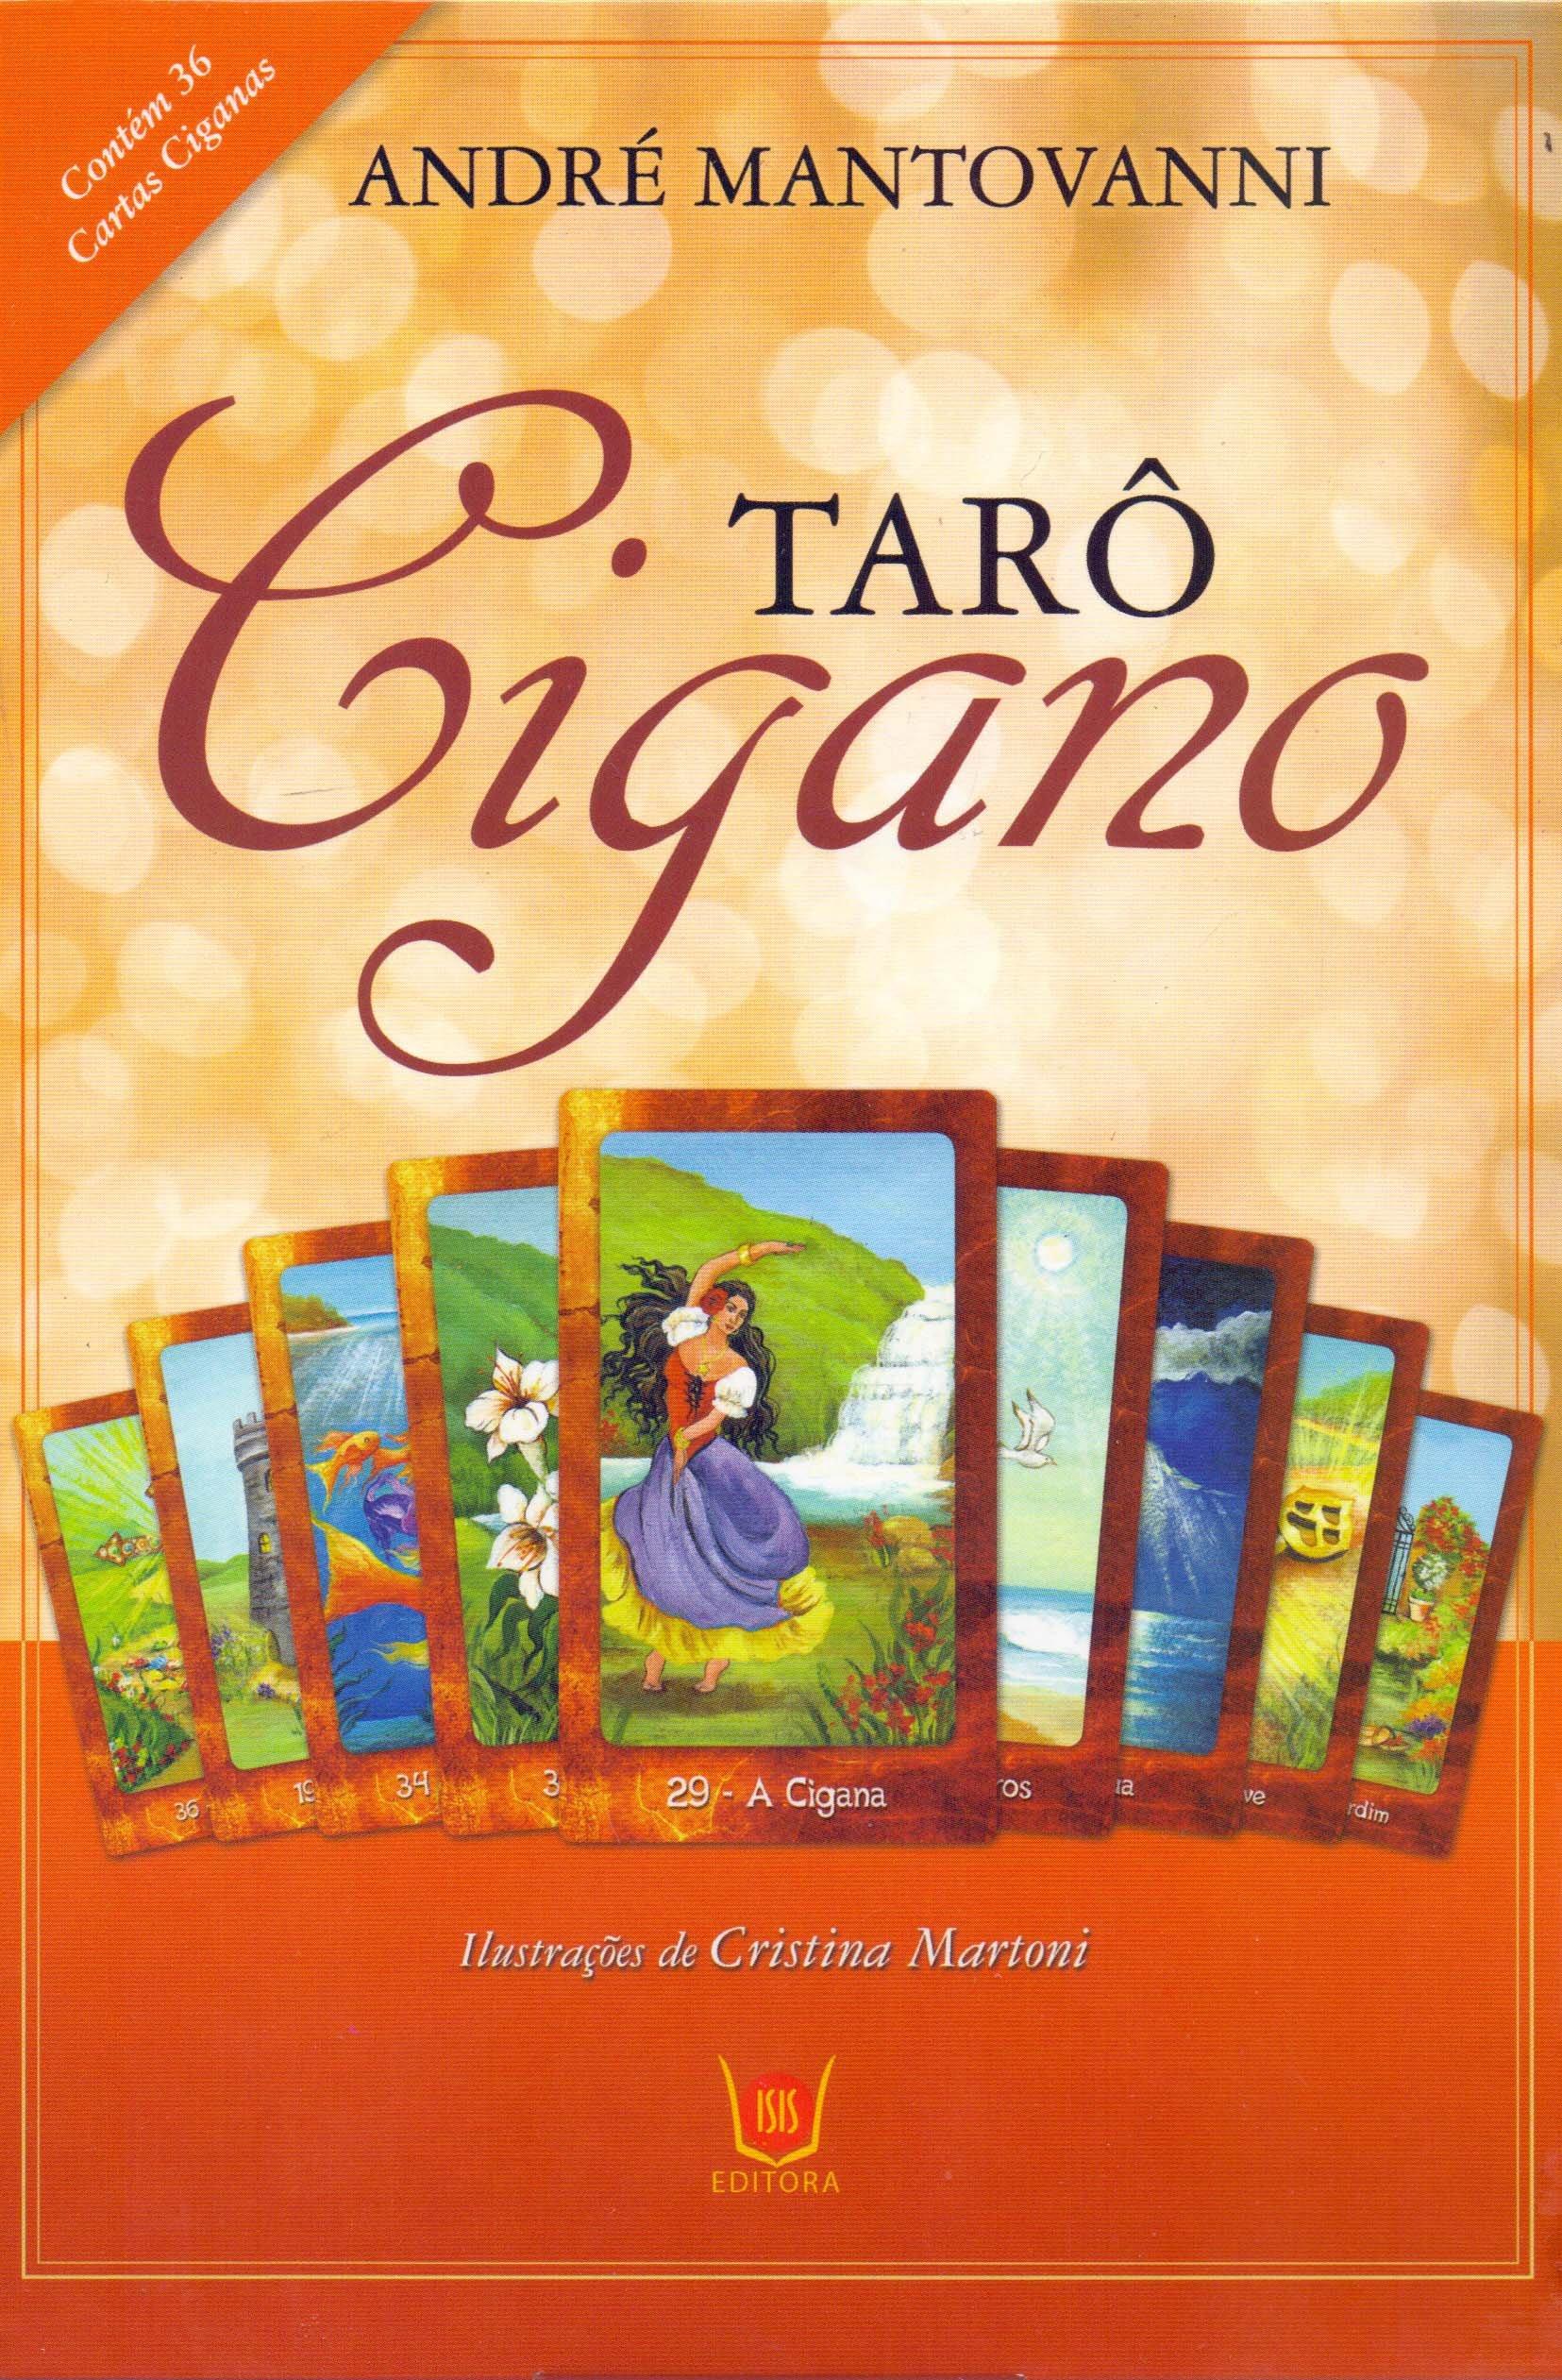 Taro Cigano - Livro e Baralho Com 36 Cartas: ANDRÉ ...